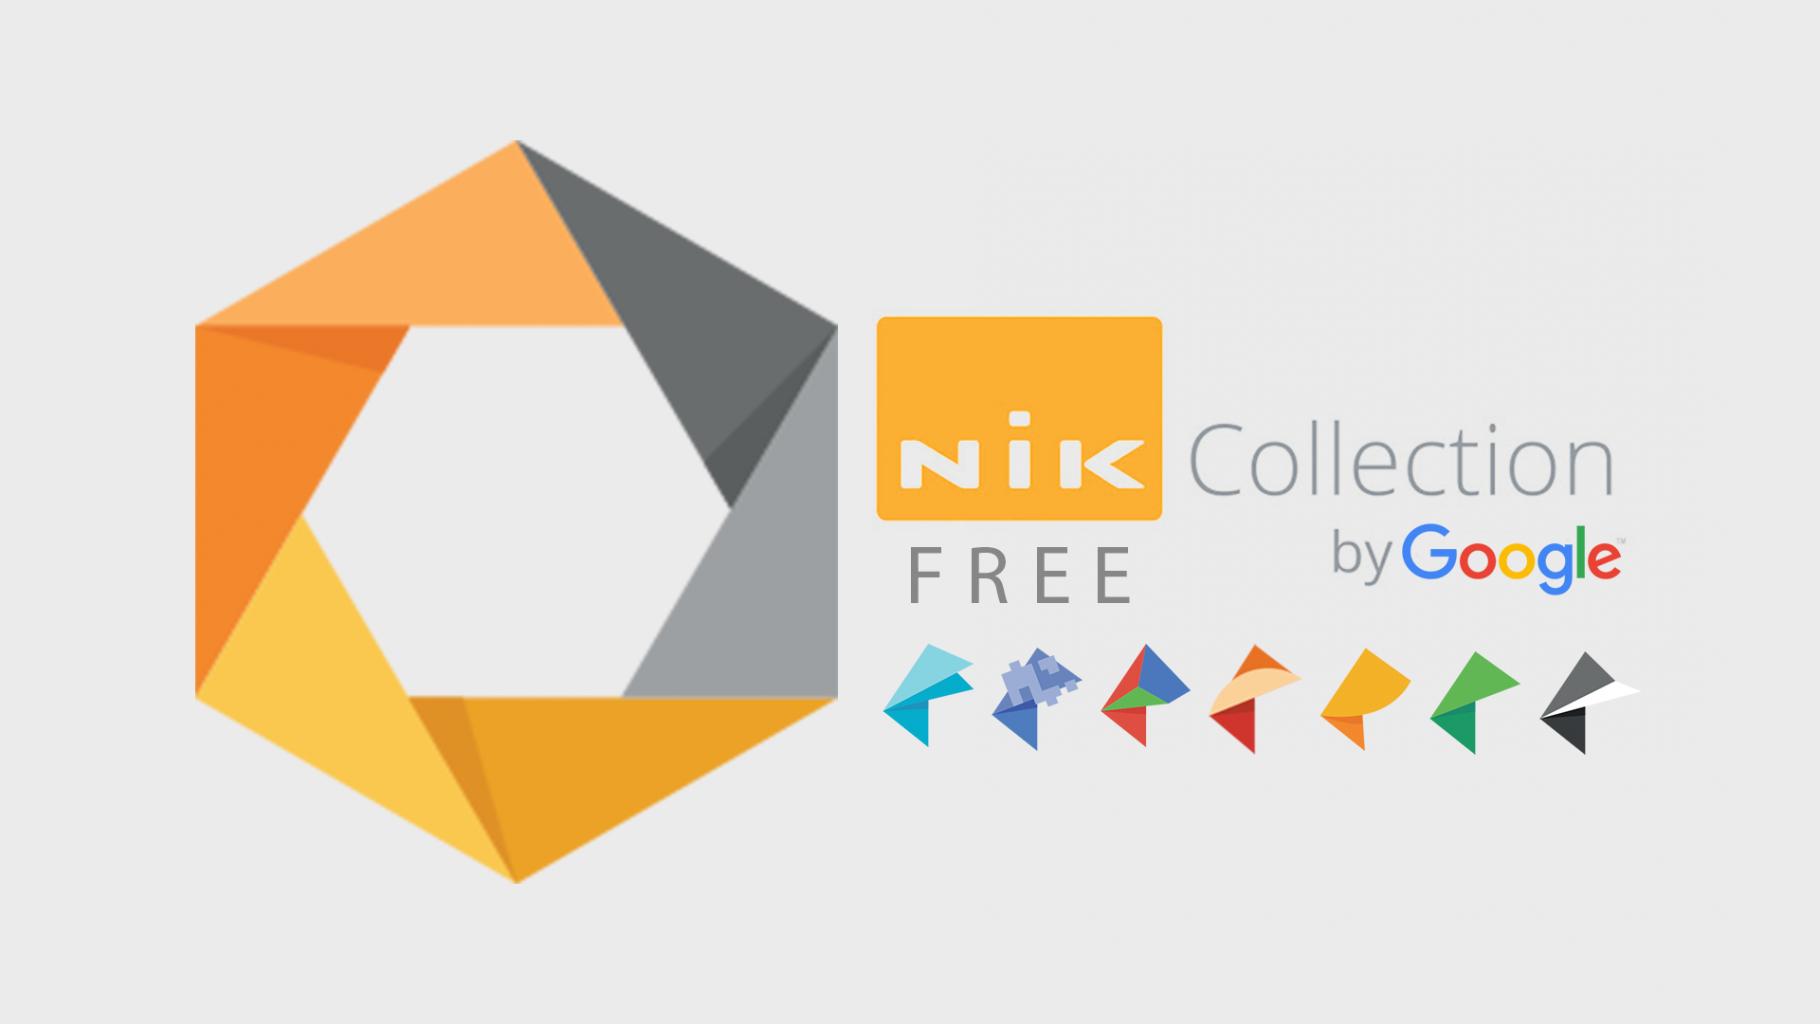 Die NIK Collection lebt weiter, danke DxO!